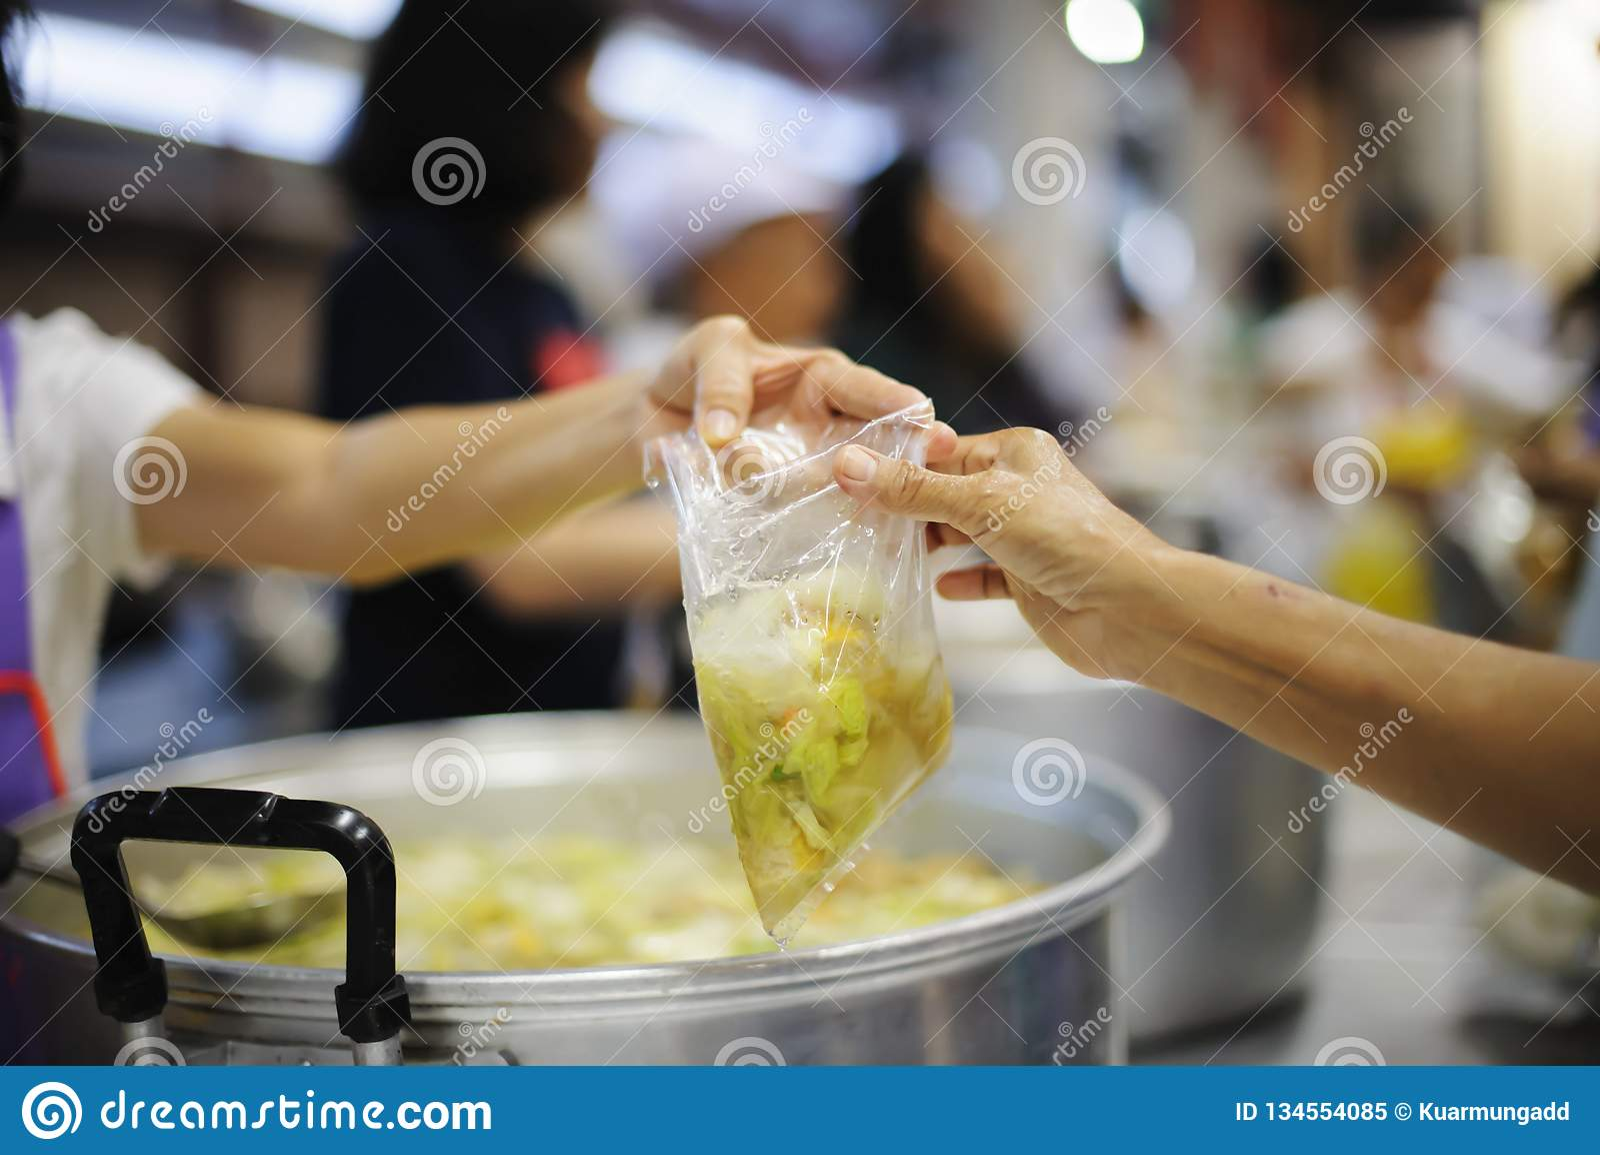 Ręki bieda czekać na karmowe darowizny załagadzać głód: pojęcie karmienie